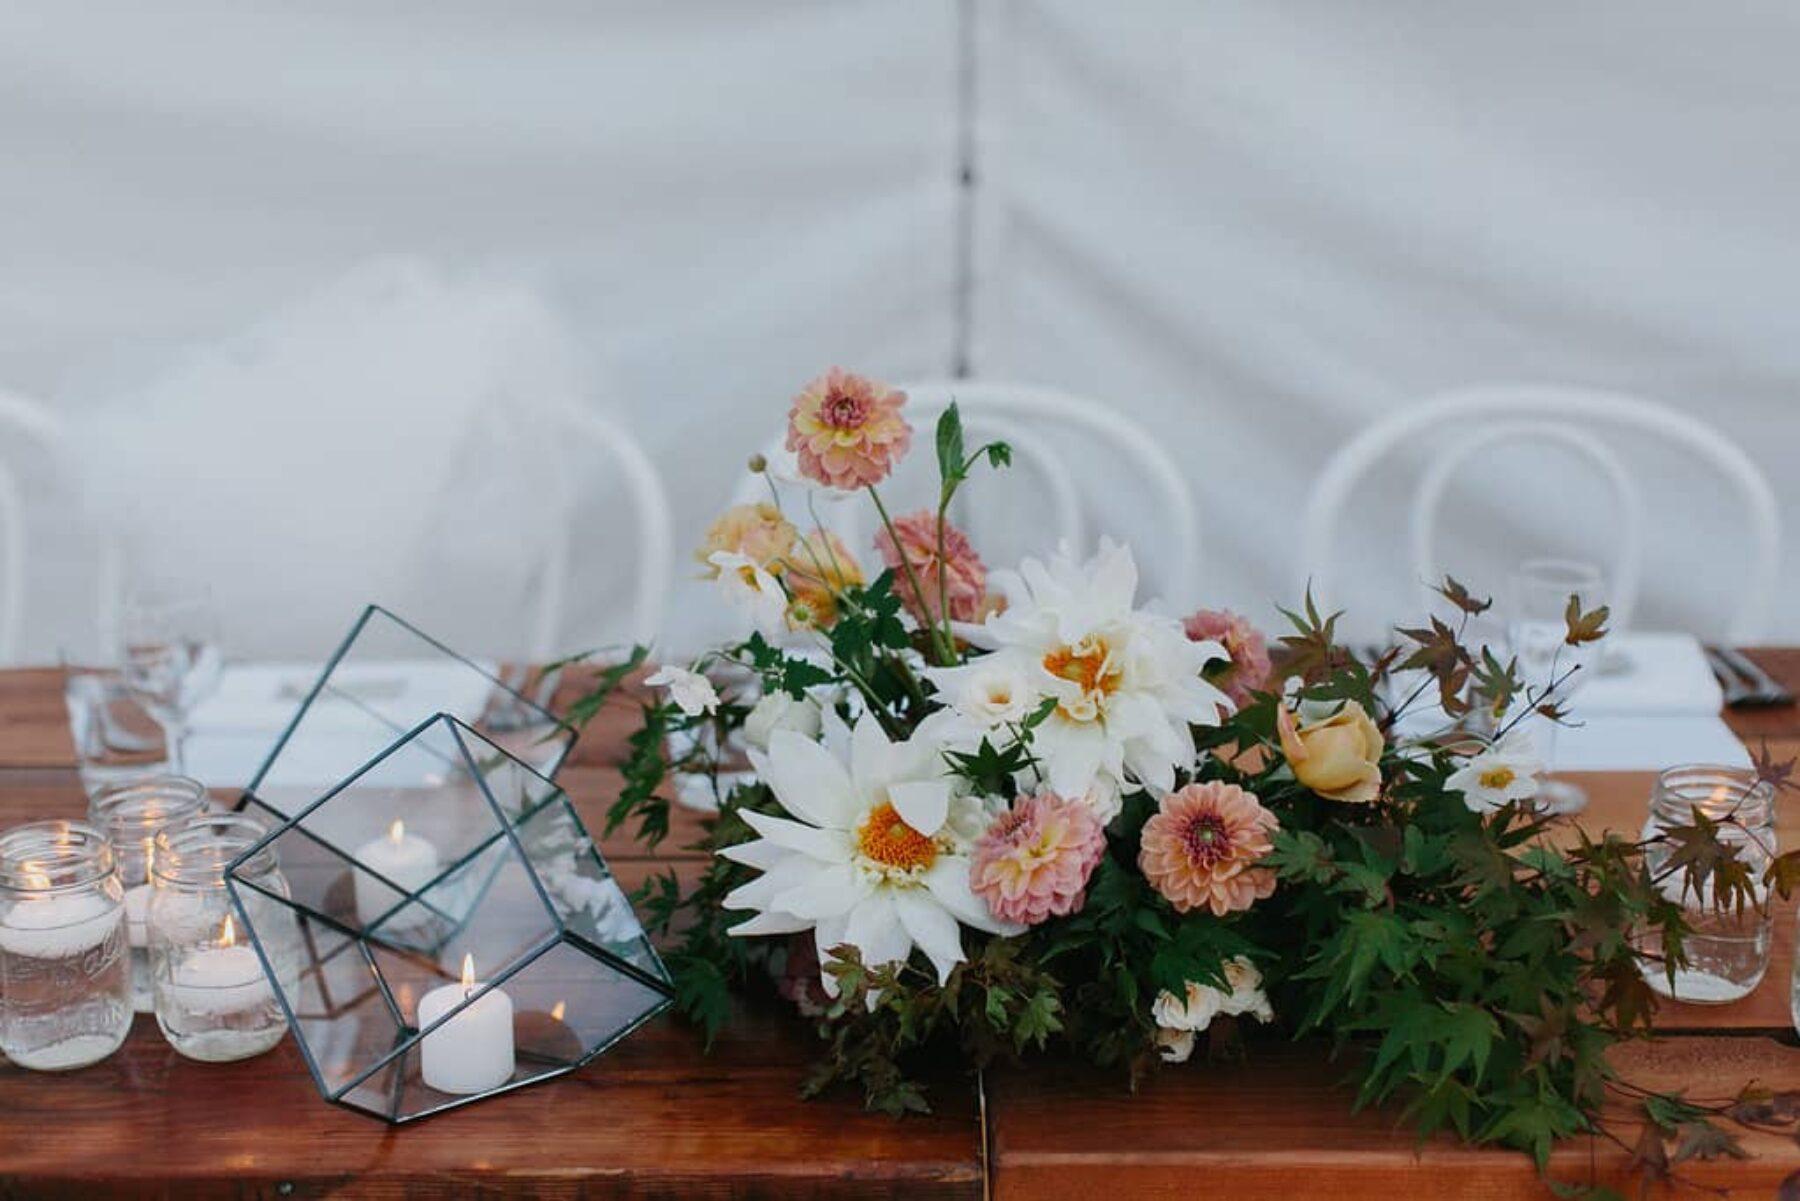 floral centrepiece of dahlias